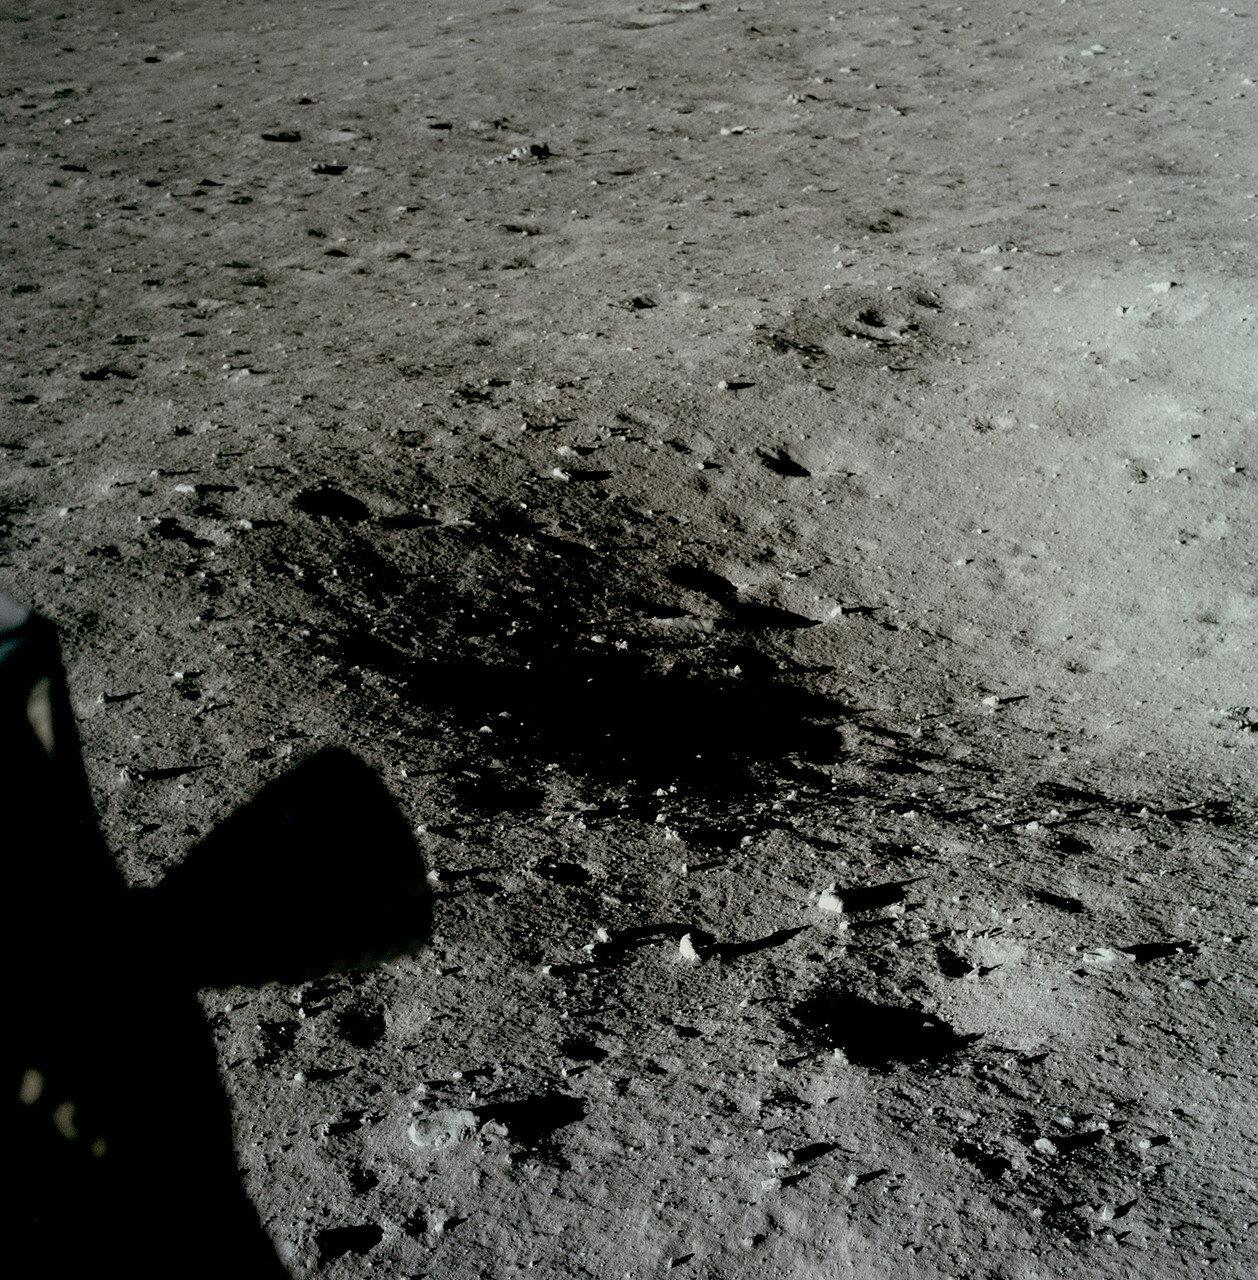 Переворот лунного модуля в вертикальное положение давал командиру не только обзор района посадки, но и возможность менять точку прилунения.